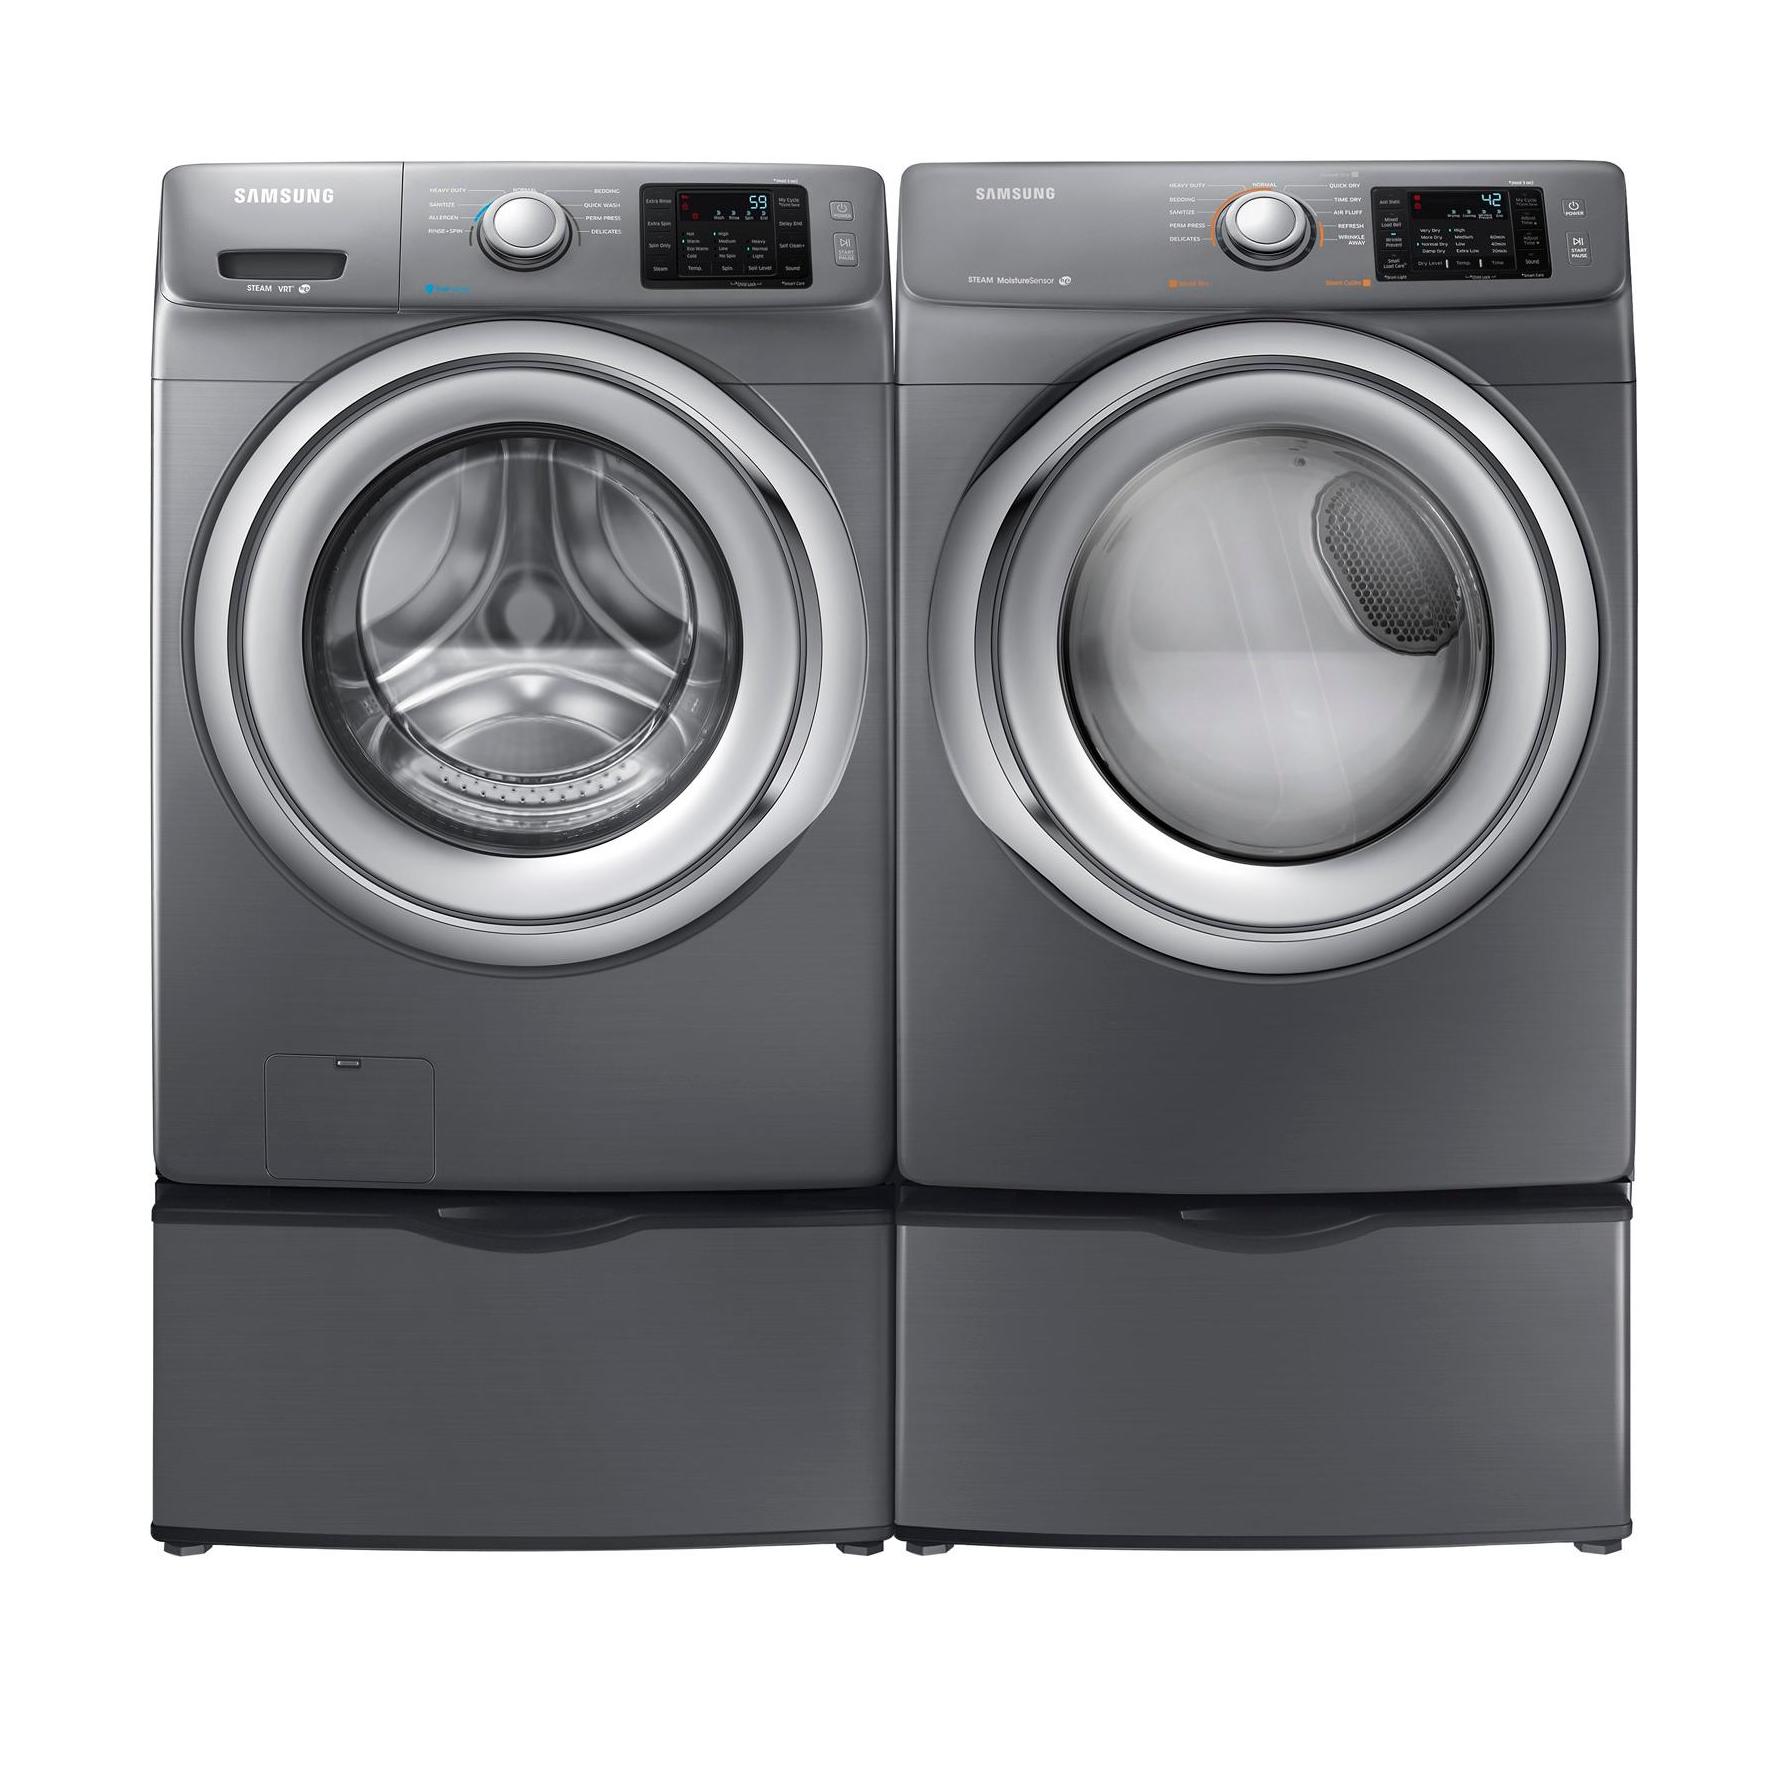 Samsung Washer / Dryer